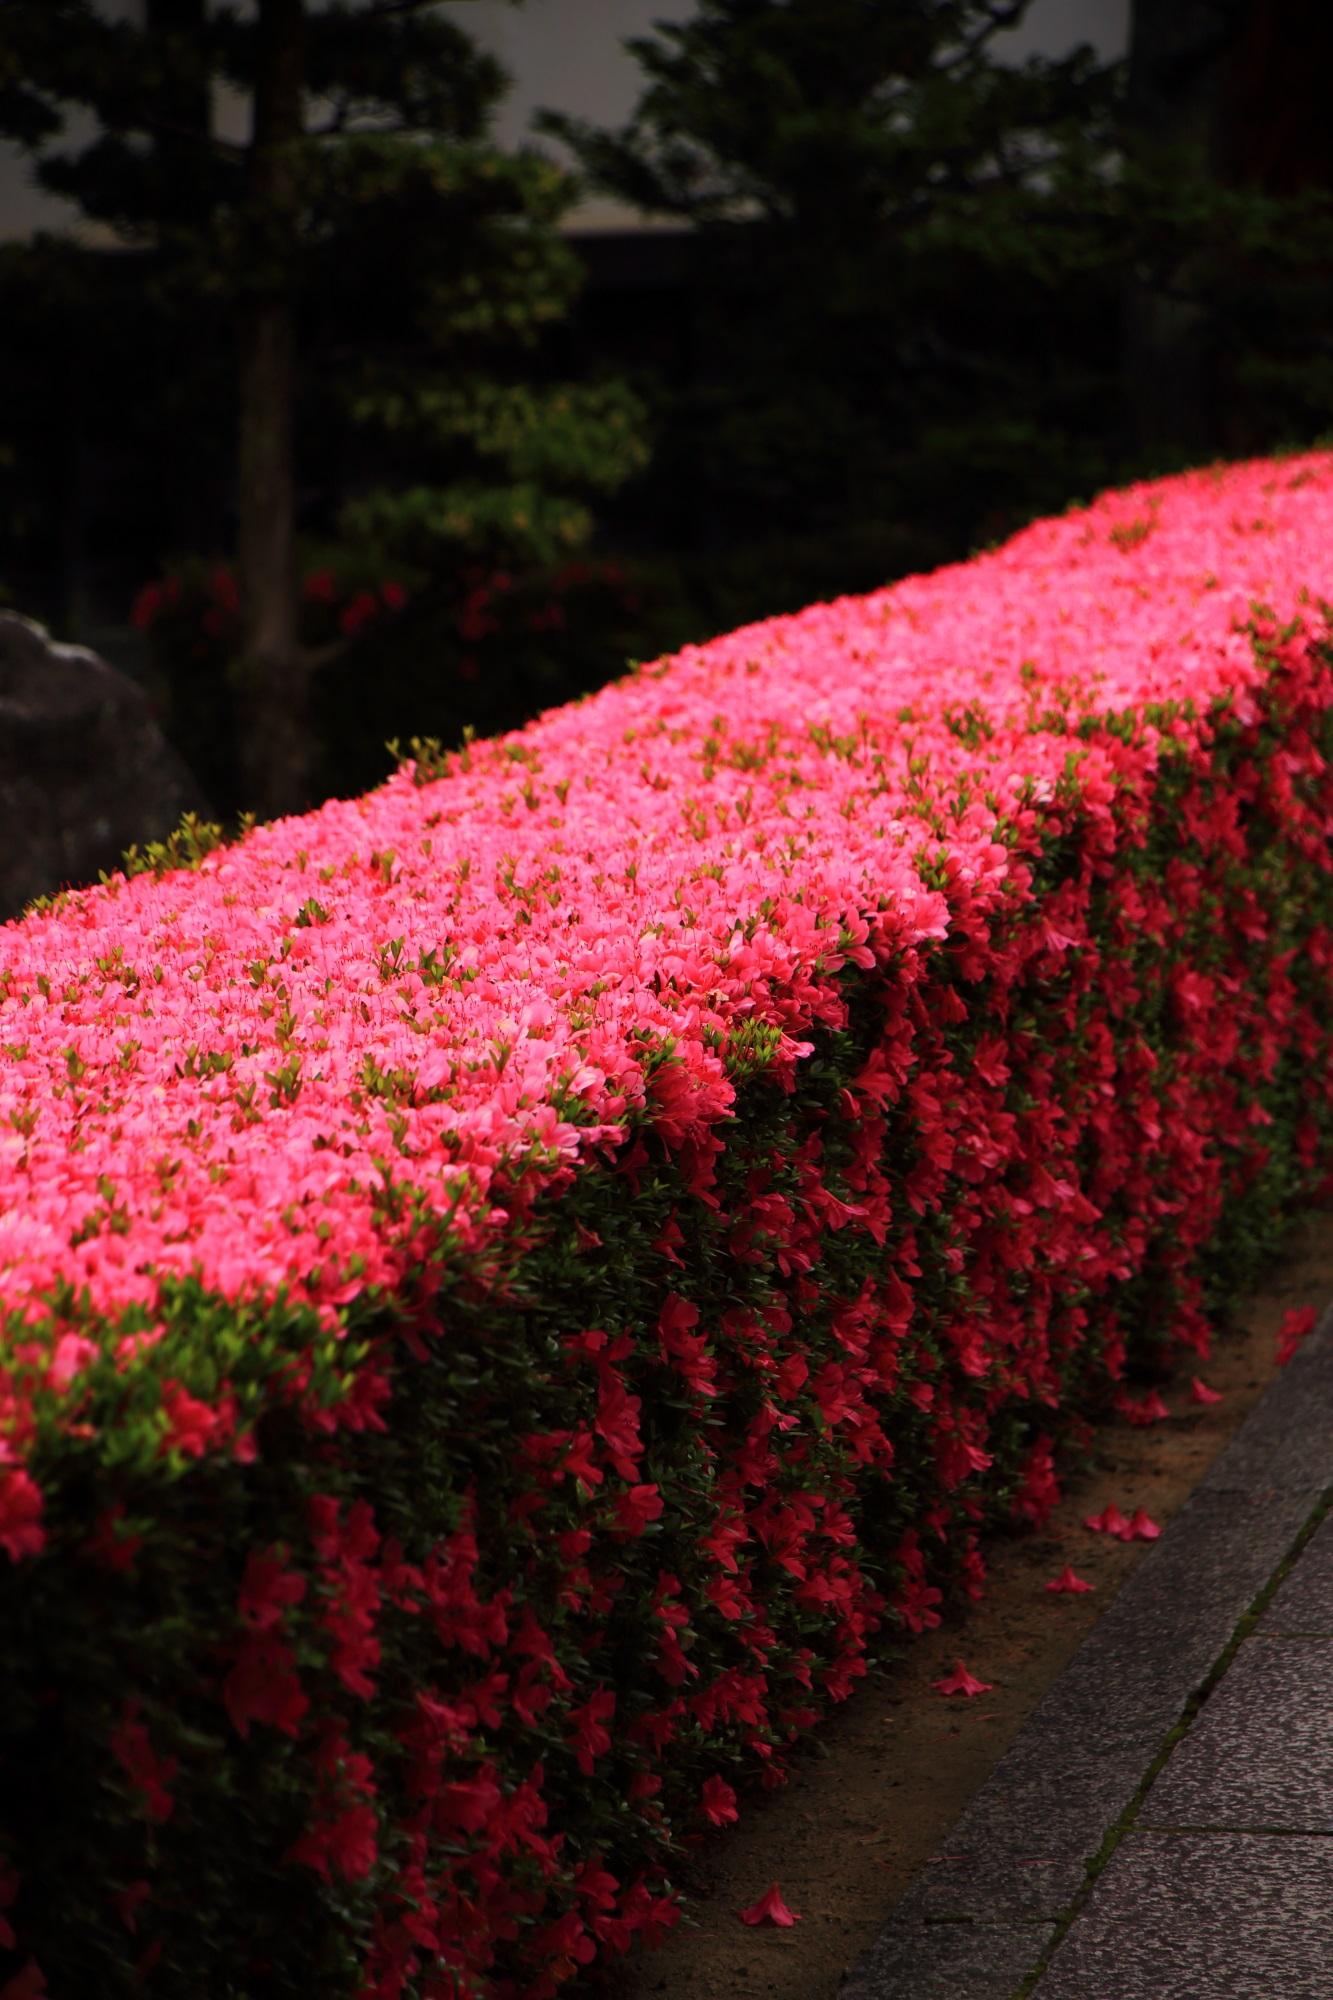 溢れ出す鮮やかなピンクの花と華やかな散った花